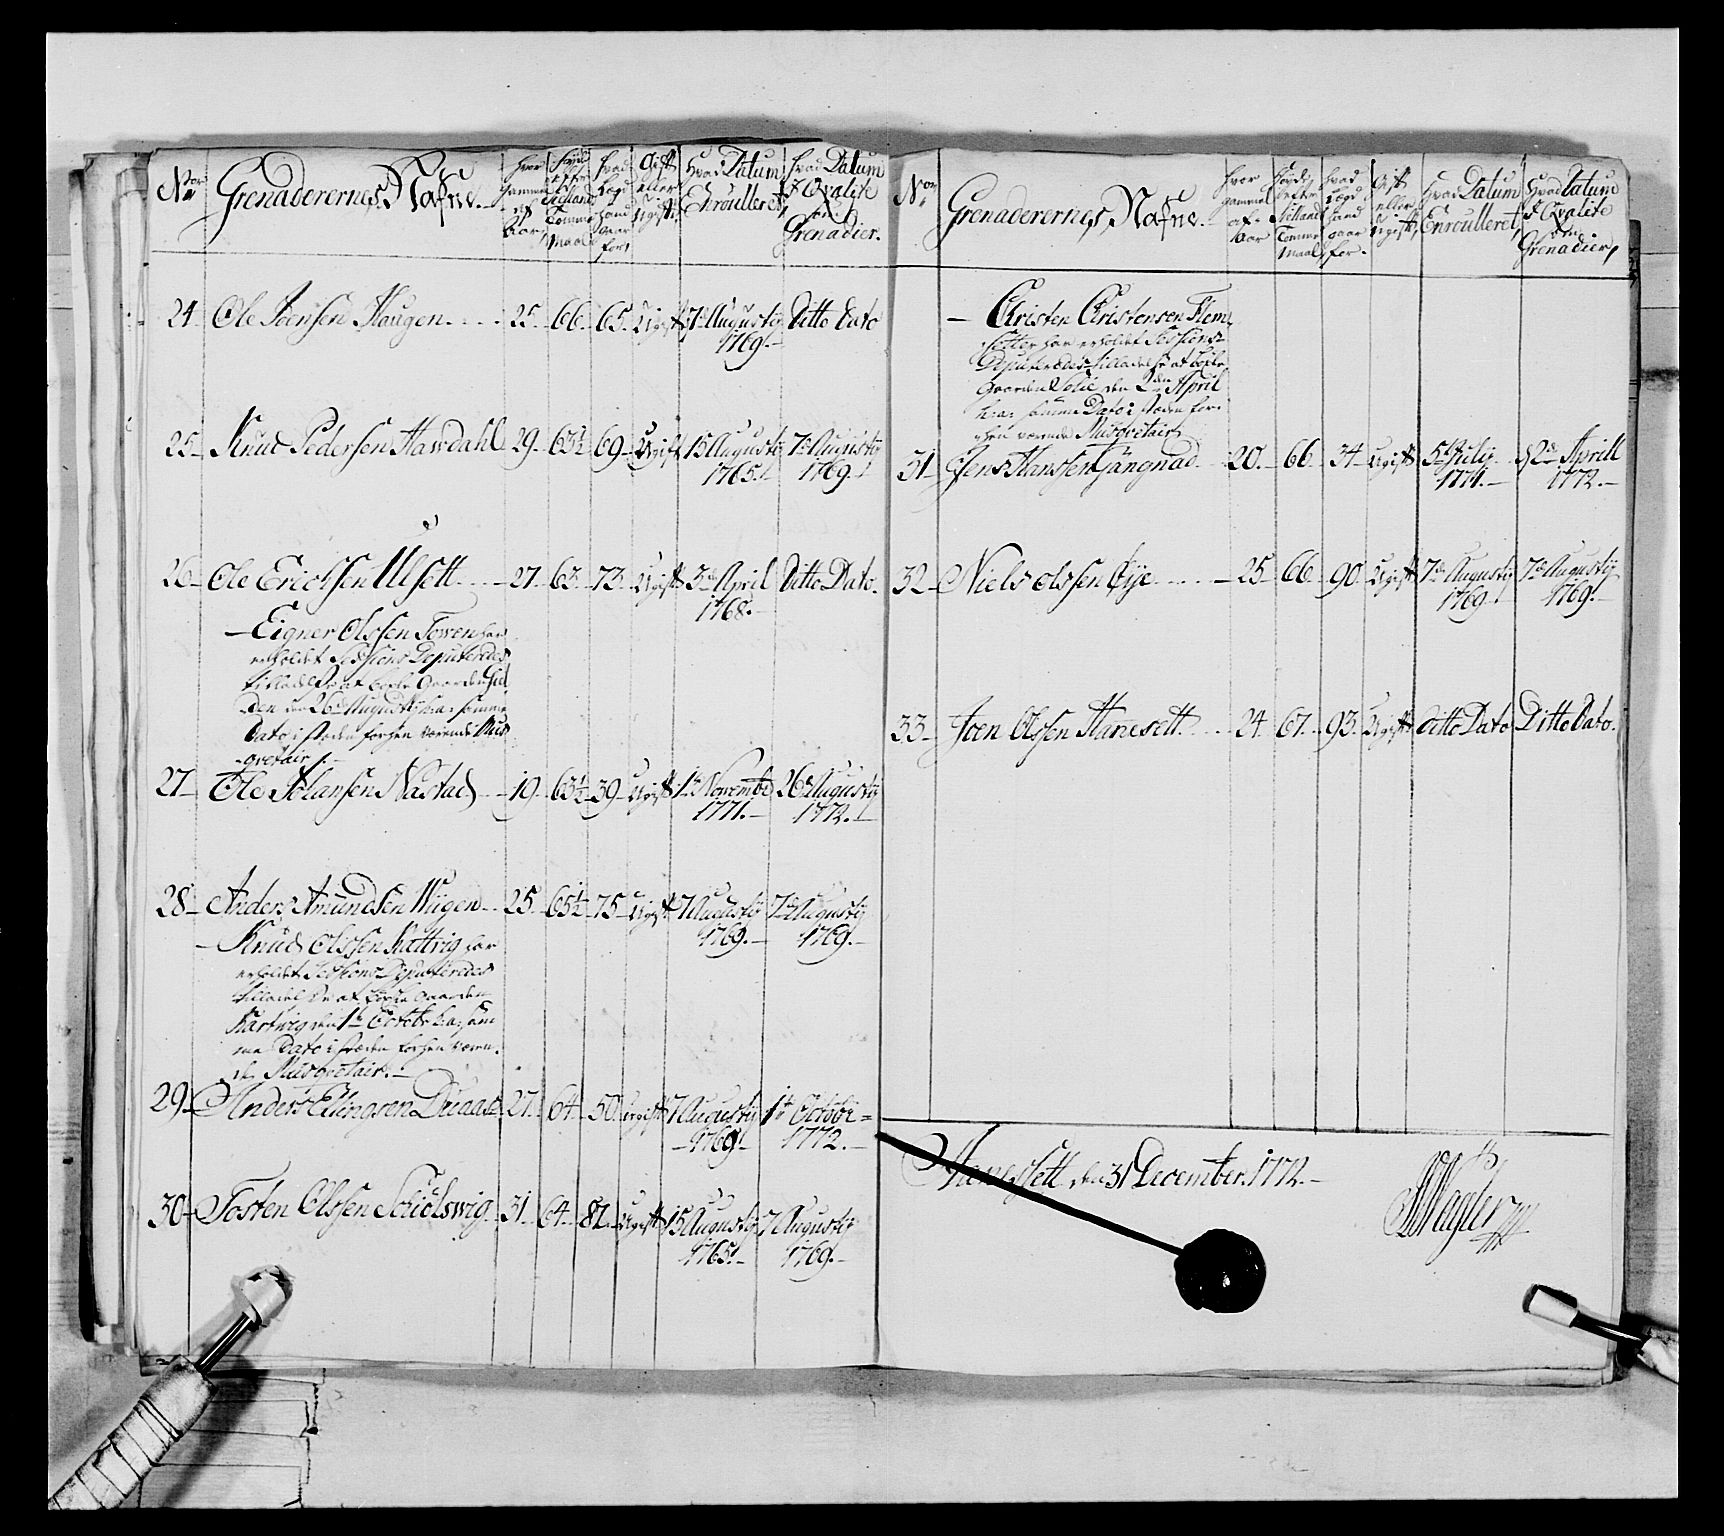 RA, Generalitets- og kommissariatskollegiet, Det kongelige norske kommissariatskollegium, E/Eh/L0076: 2. Trondheimske nasjonale infanteriregiment, 1766-1773, s. 219